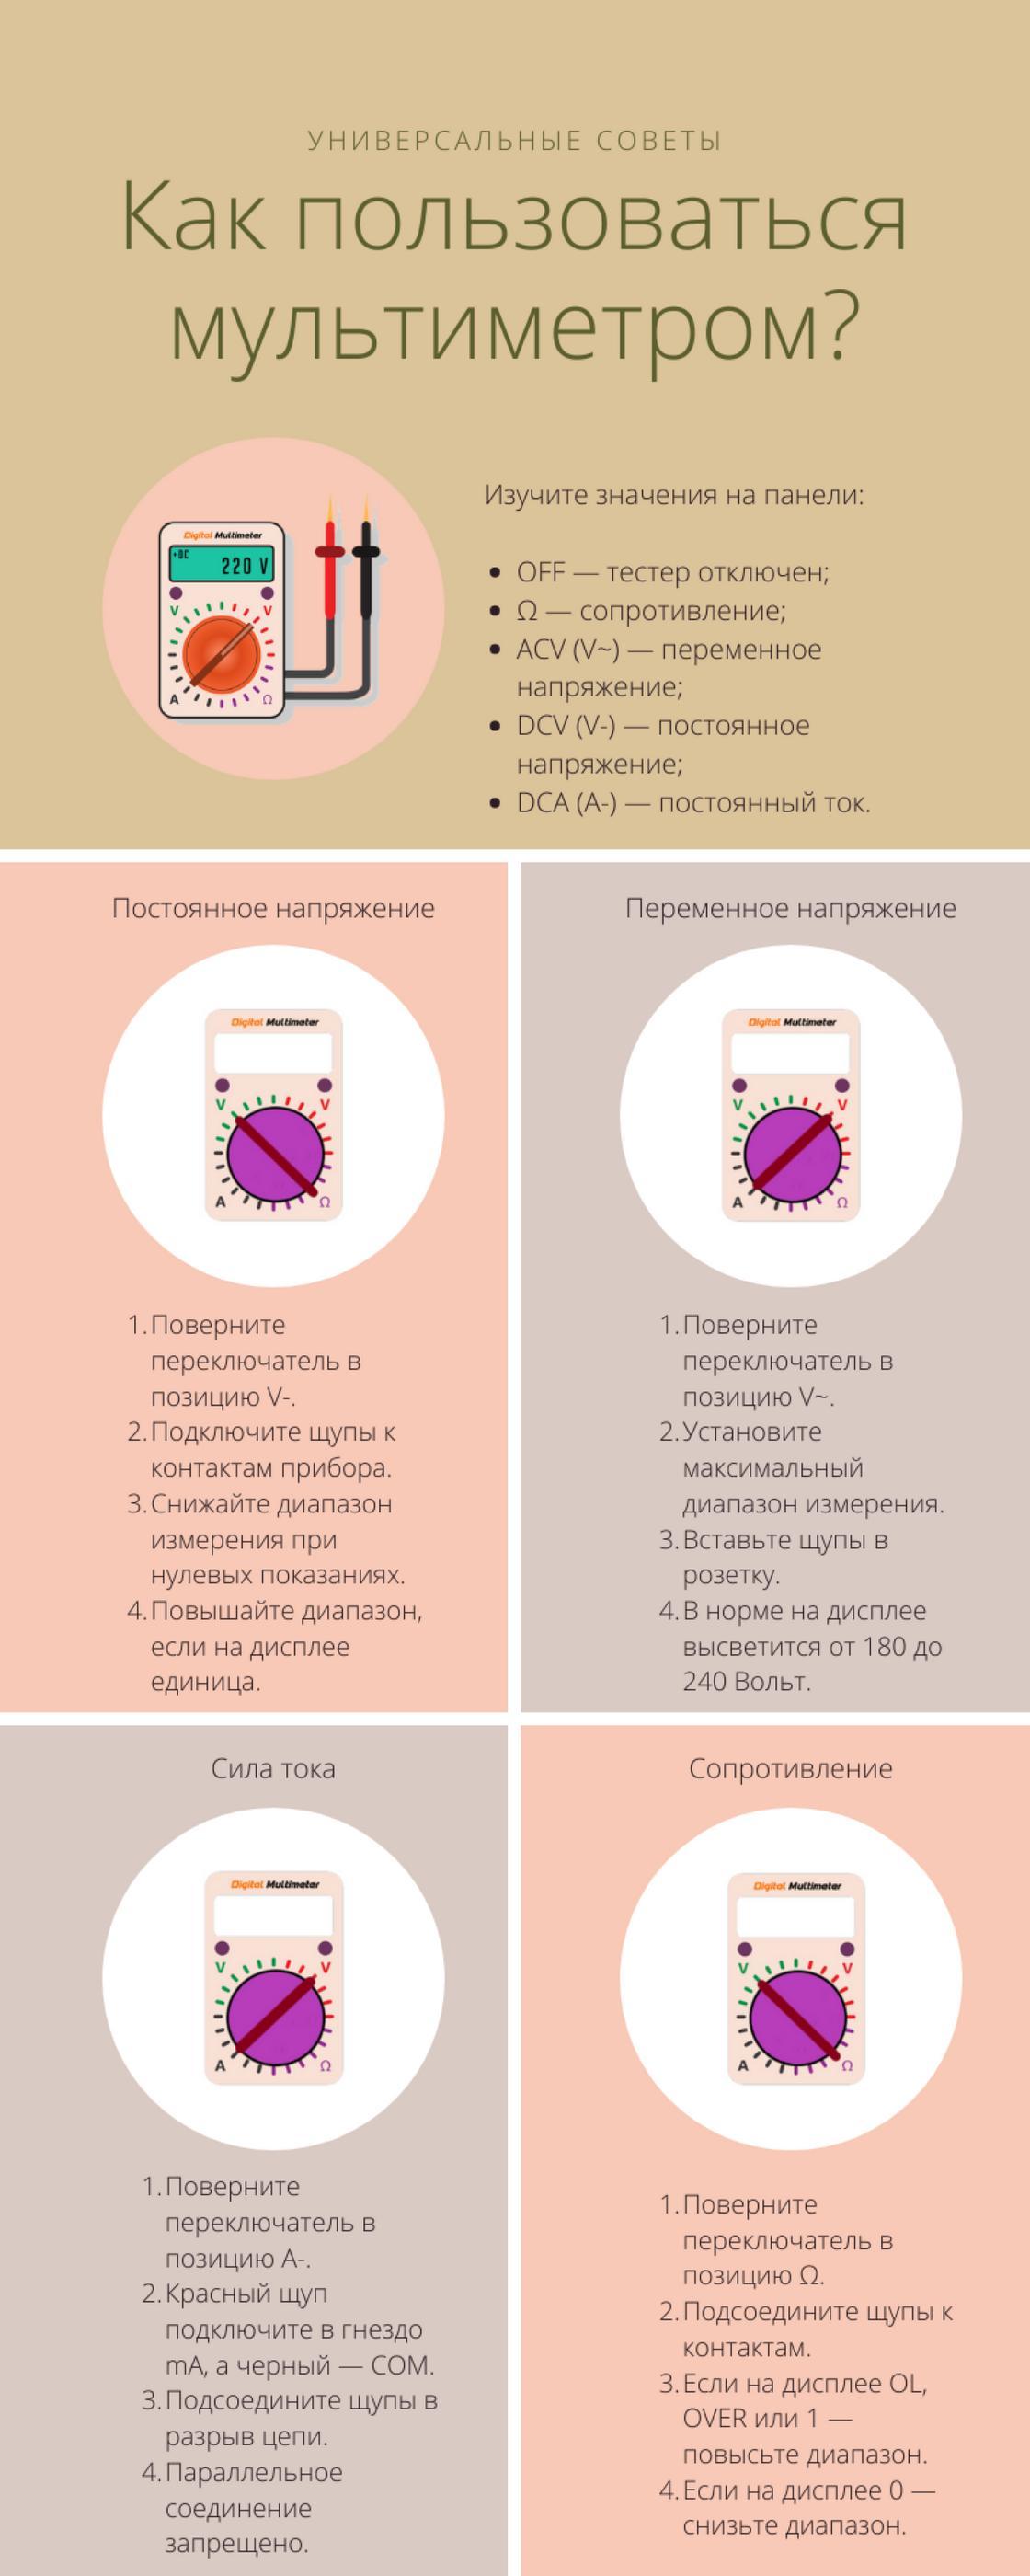 Как пользоваться мультиметром: универсальные советы